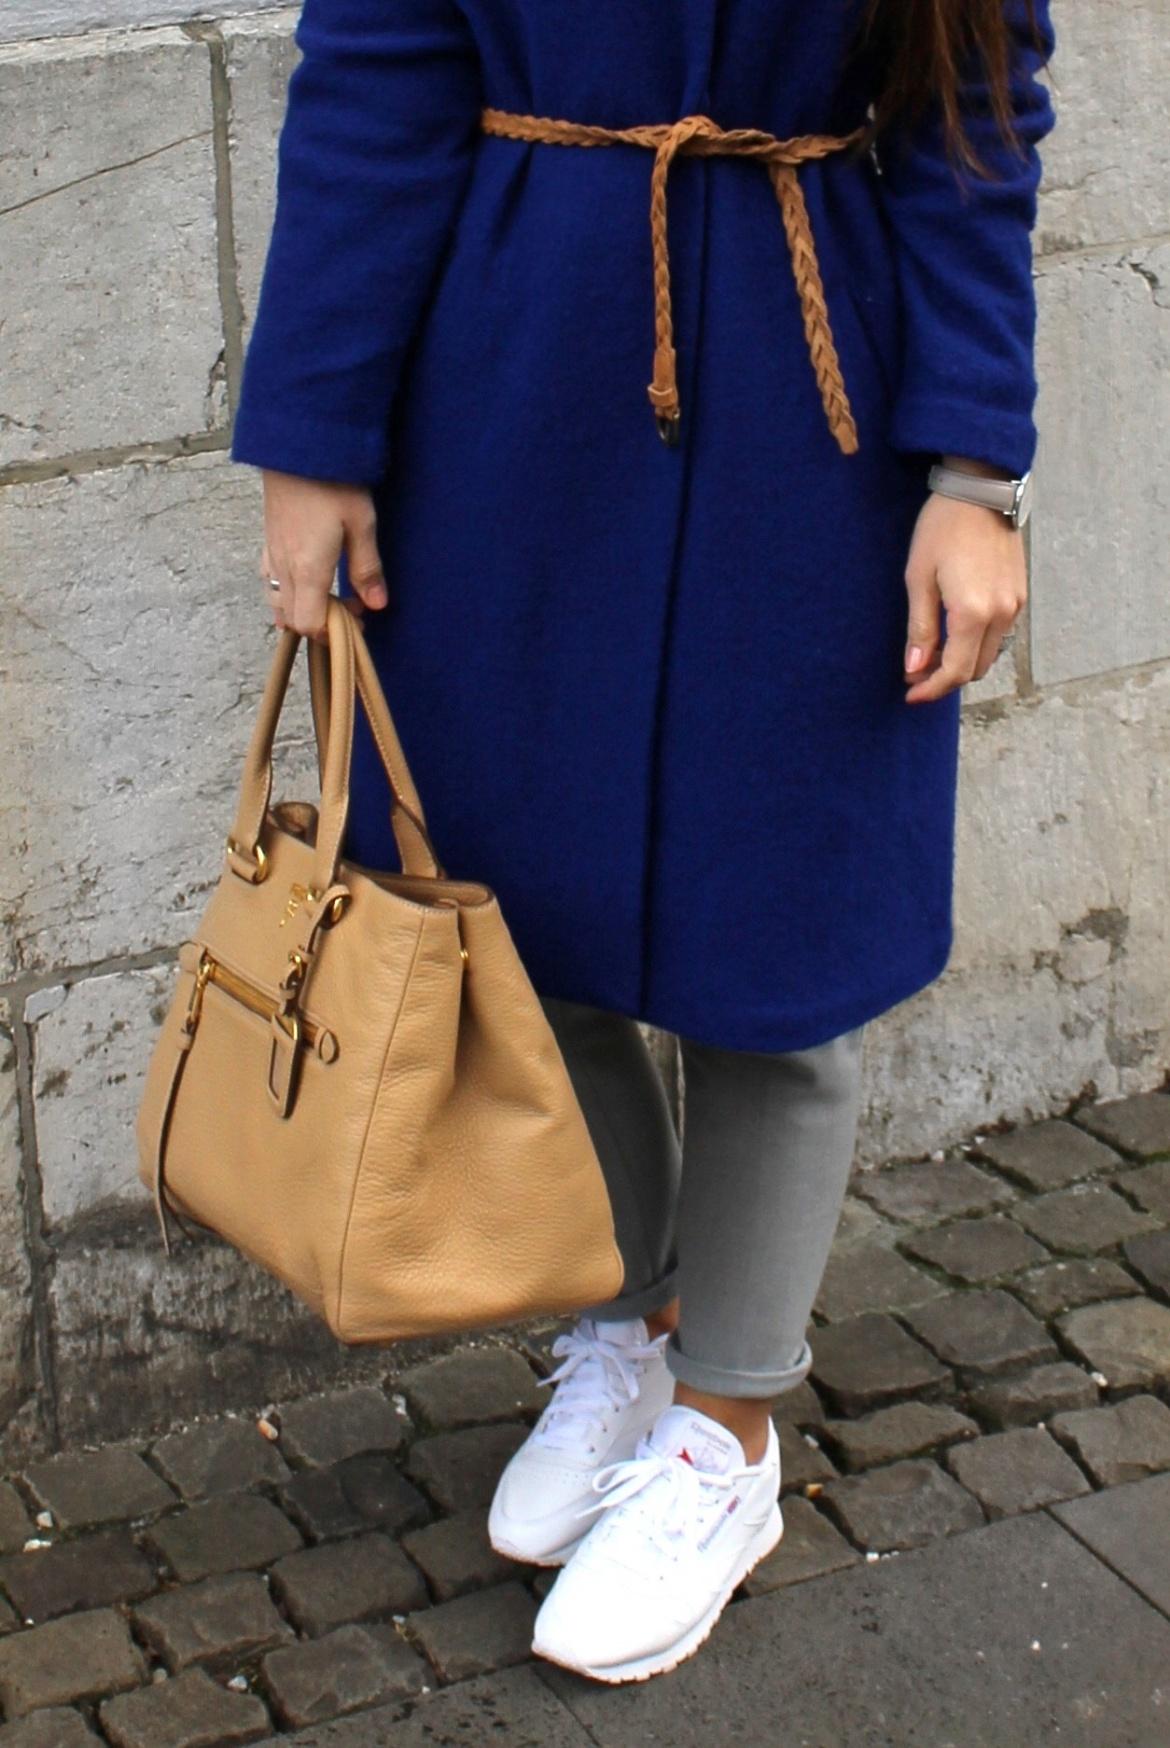 Fashioncircuz by Jenny img_0277a-1170x1748 BLAU IST DAS NEUE SCHWARZ